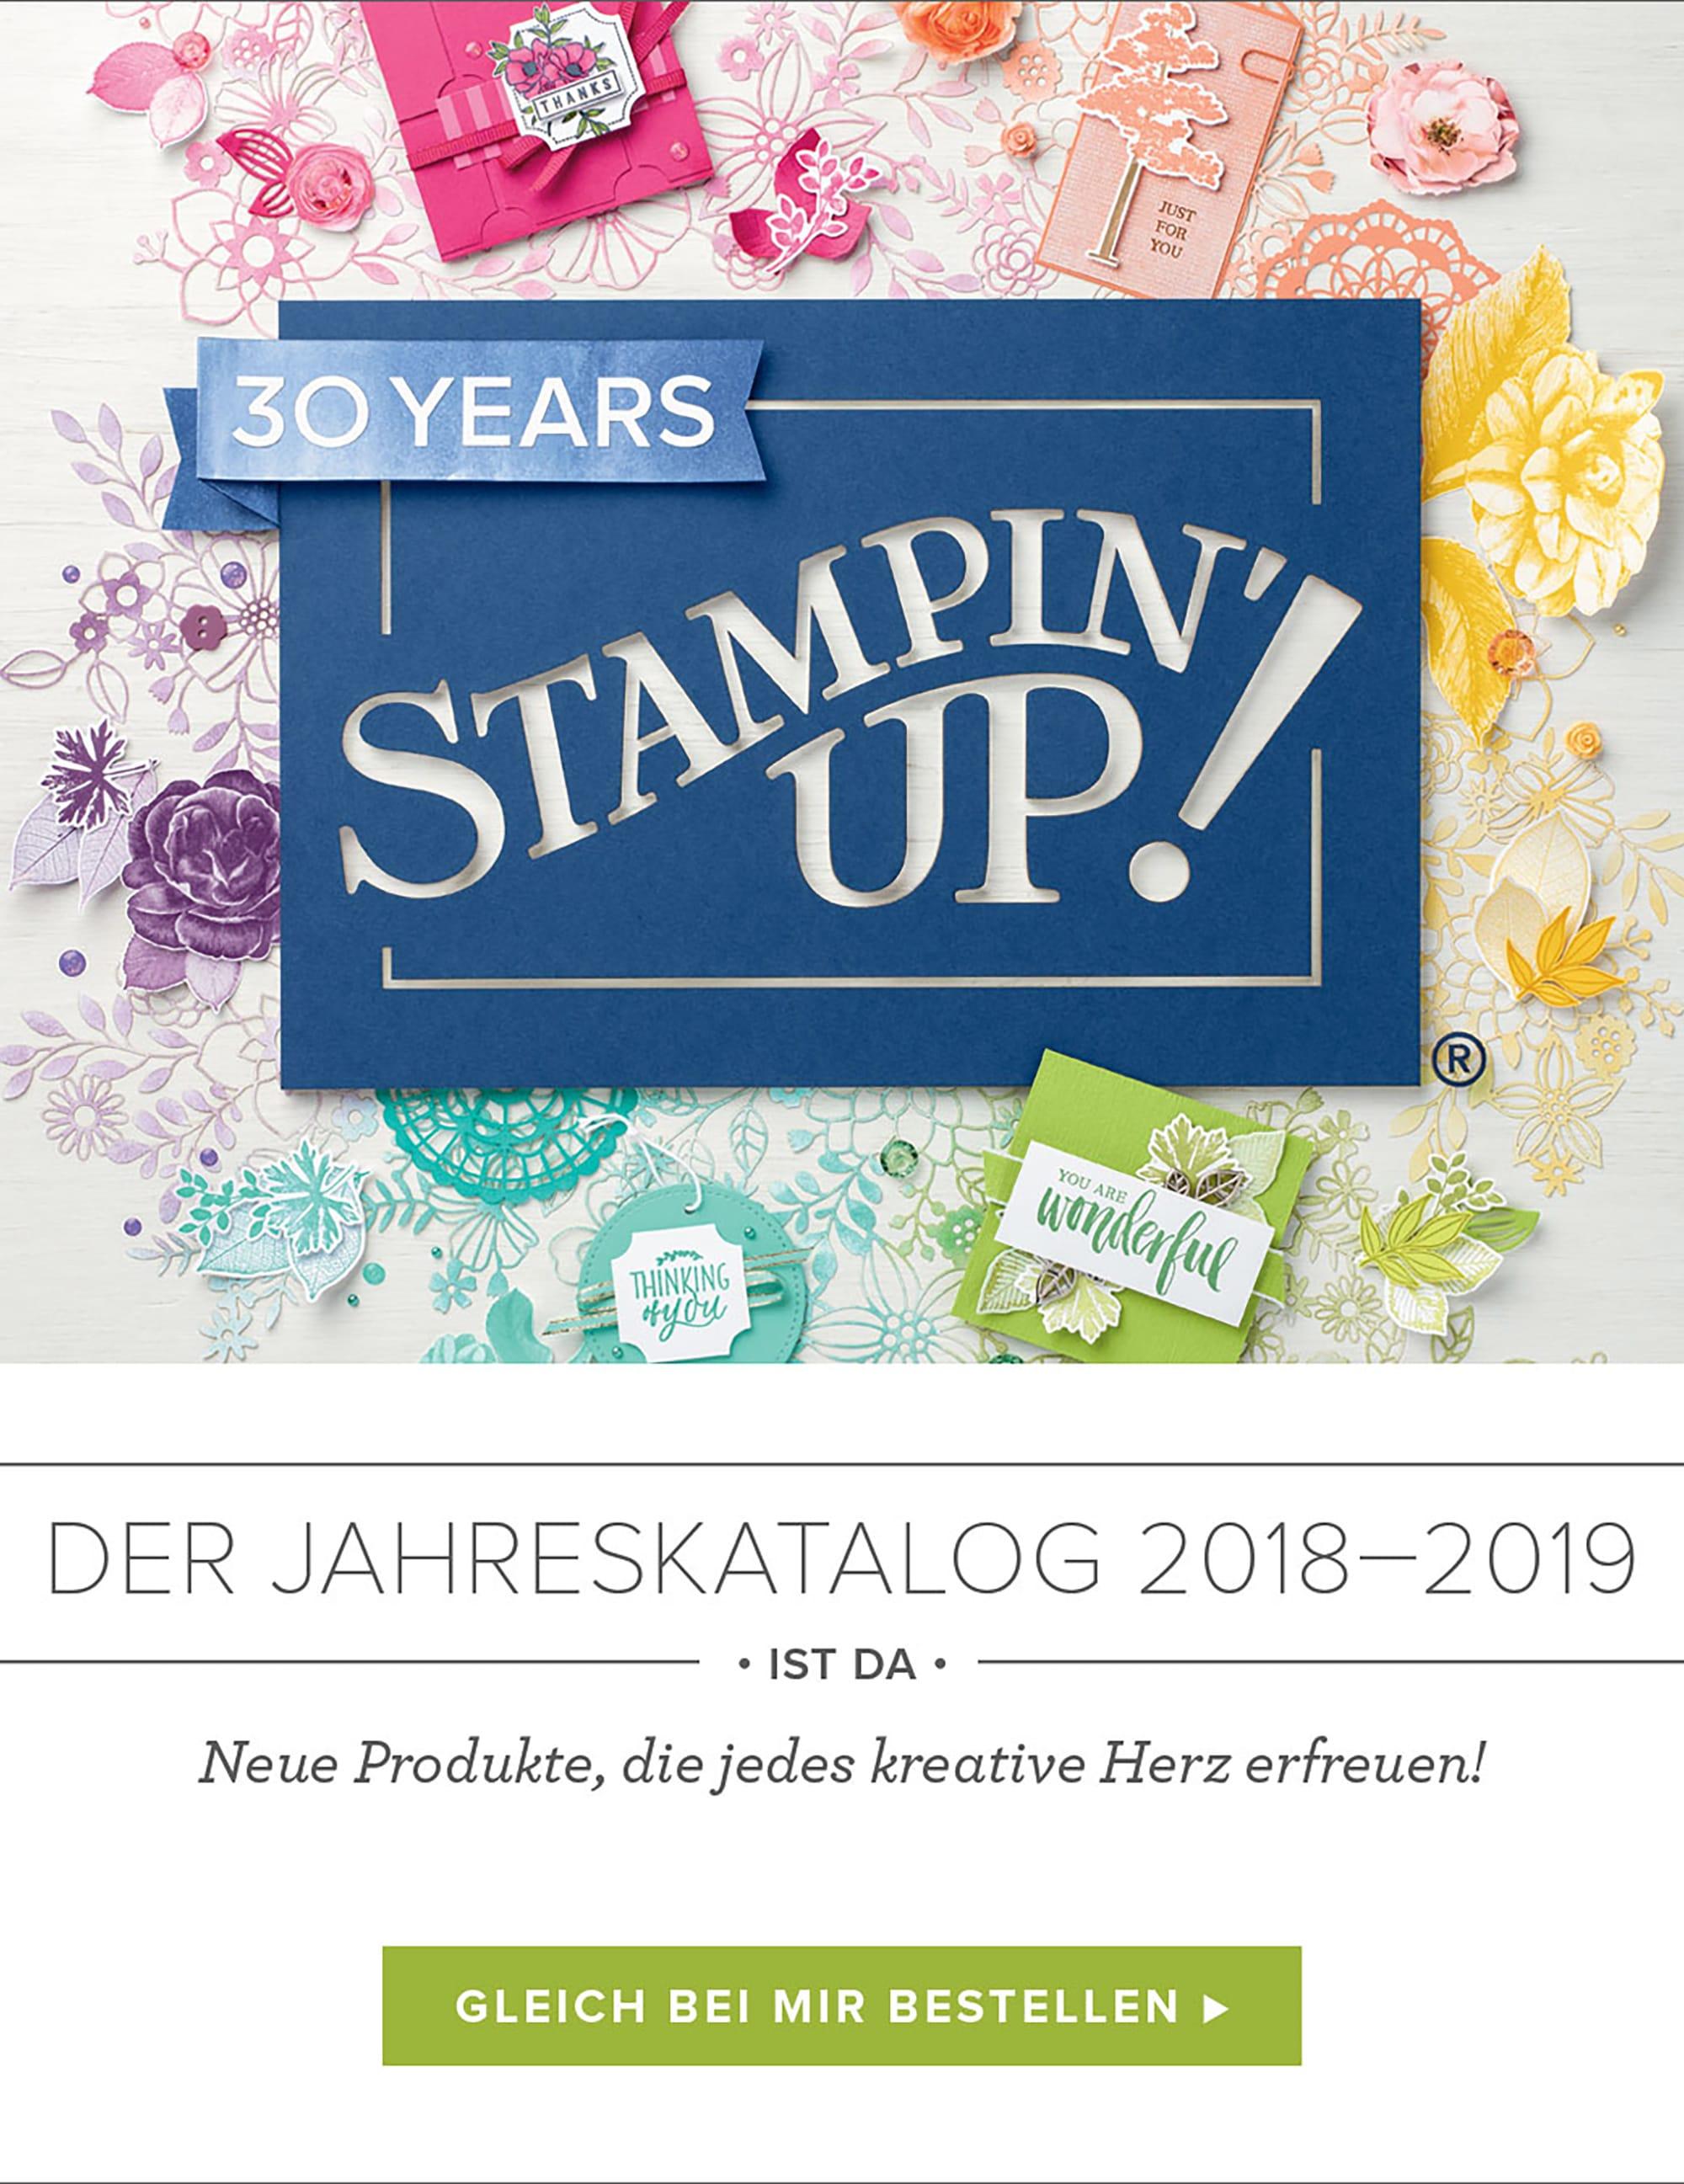 Stampin' Up! Jahreskatalog 2018-2019